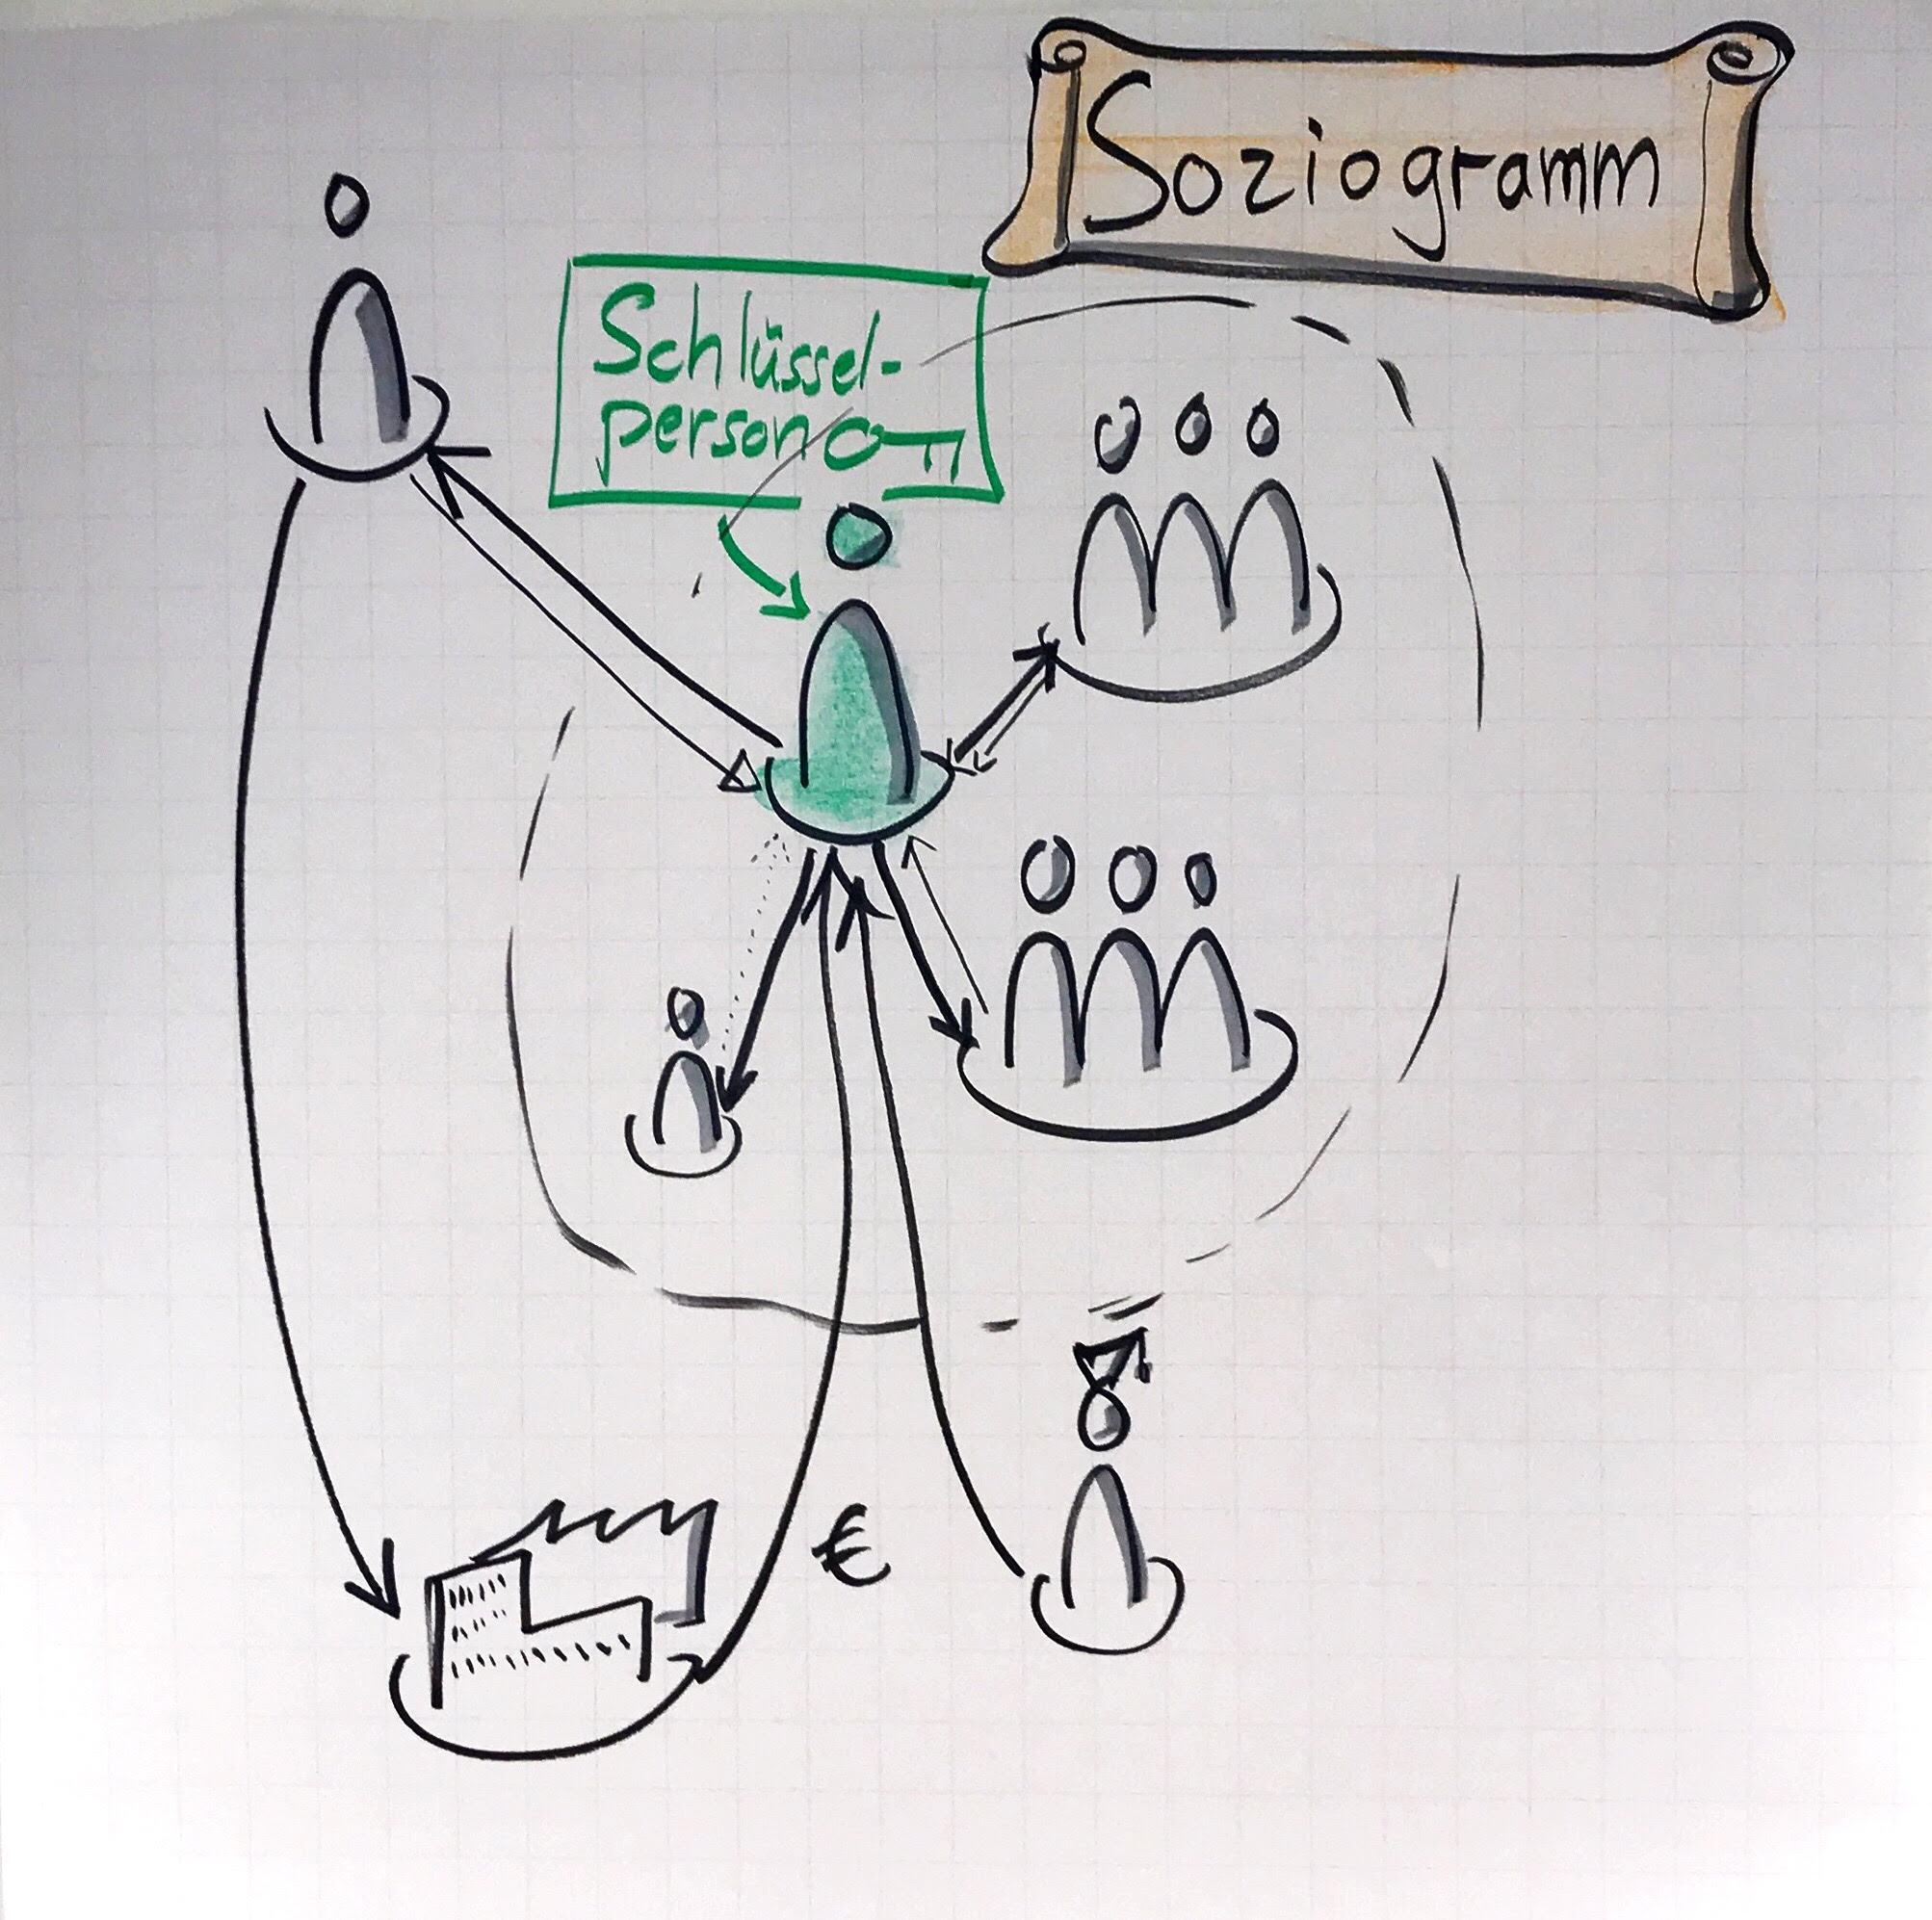 Teilnehmende lernen, Beziehungen in einem sozialen System zu analysieren und Einflussstrategien zu entwicklen.